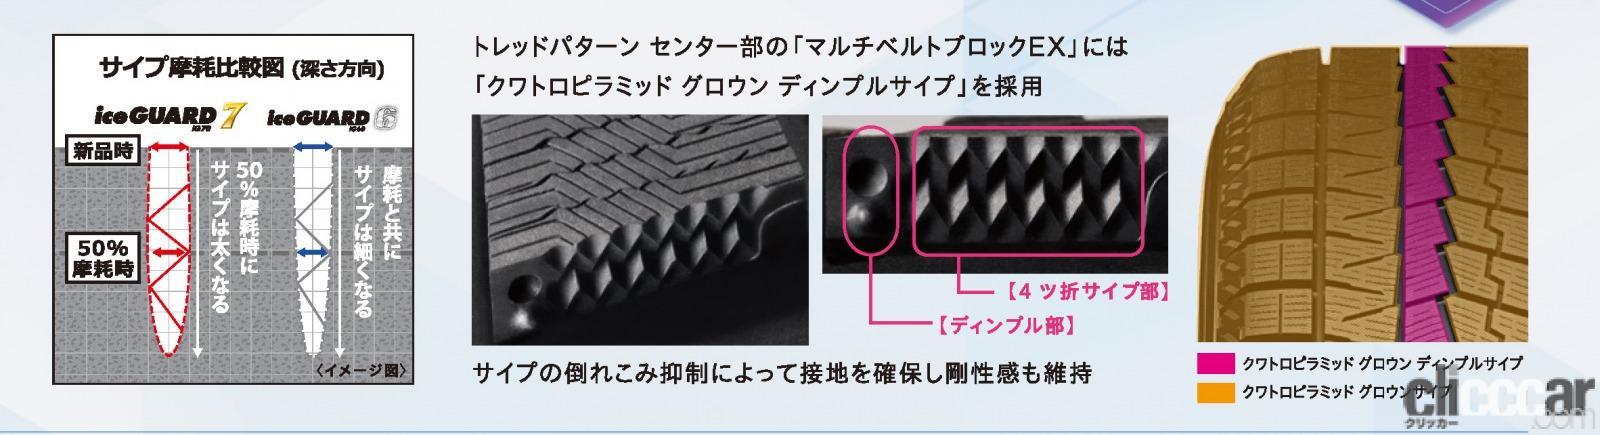 「横浜ゴムのスタッドレスタイヤ「アイスガード7 iG7」を試してみたら、どんなクルマでも相性ピッタリだった!」の6枚目の画像